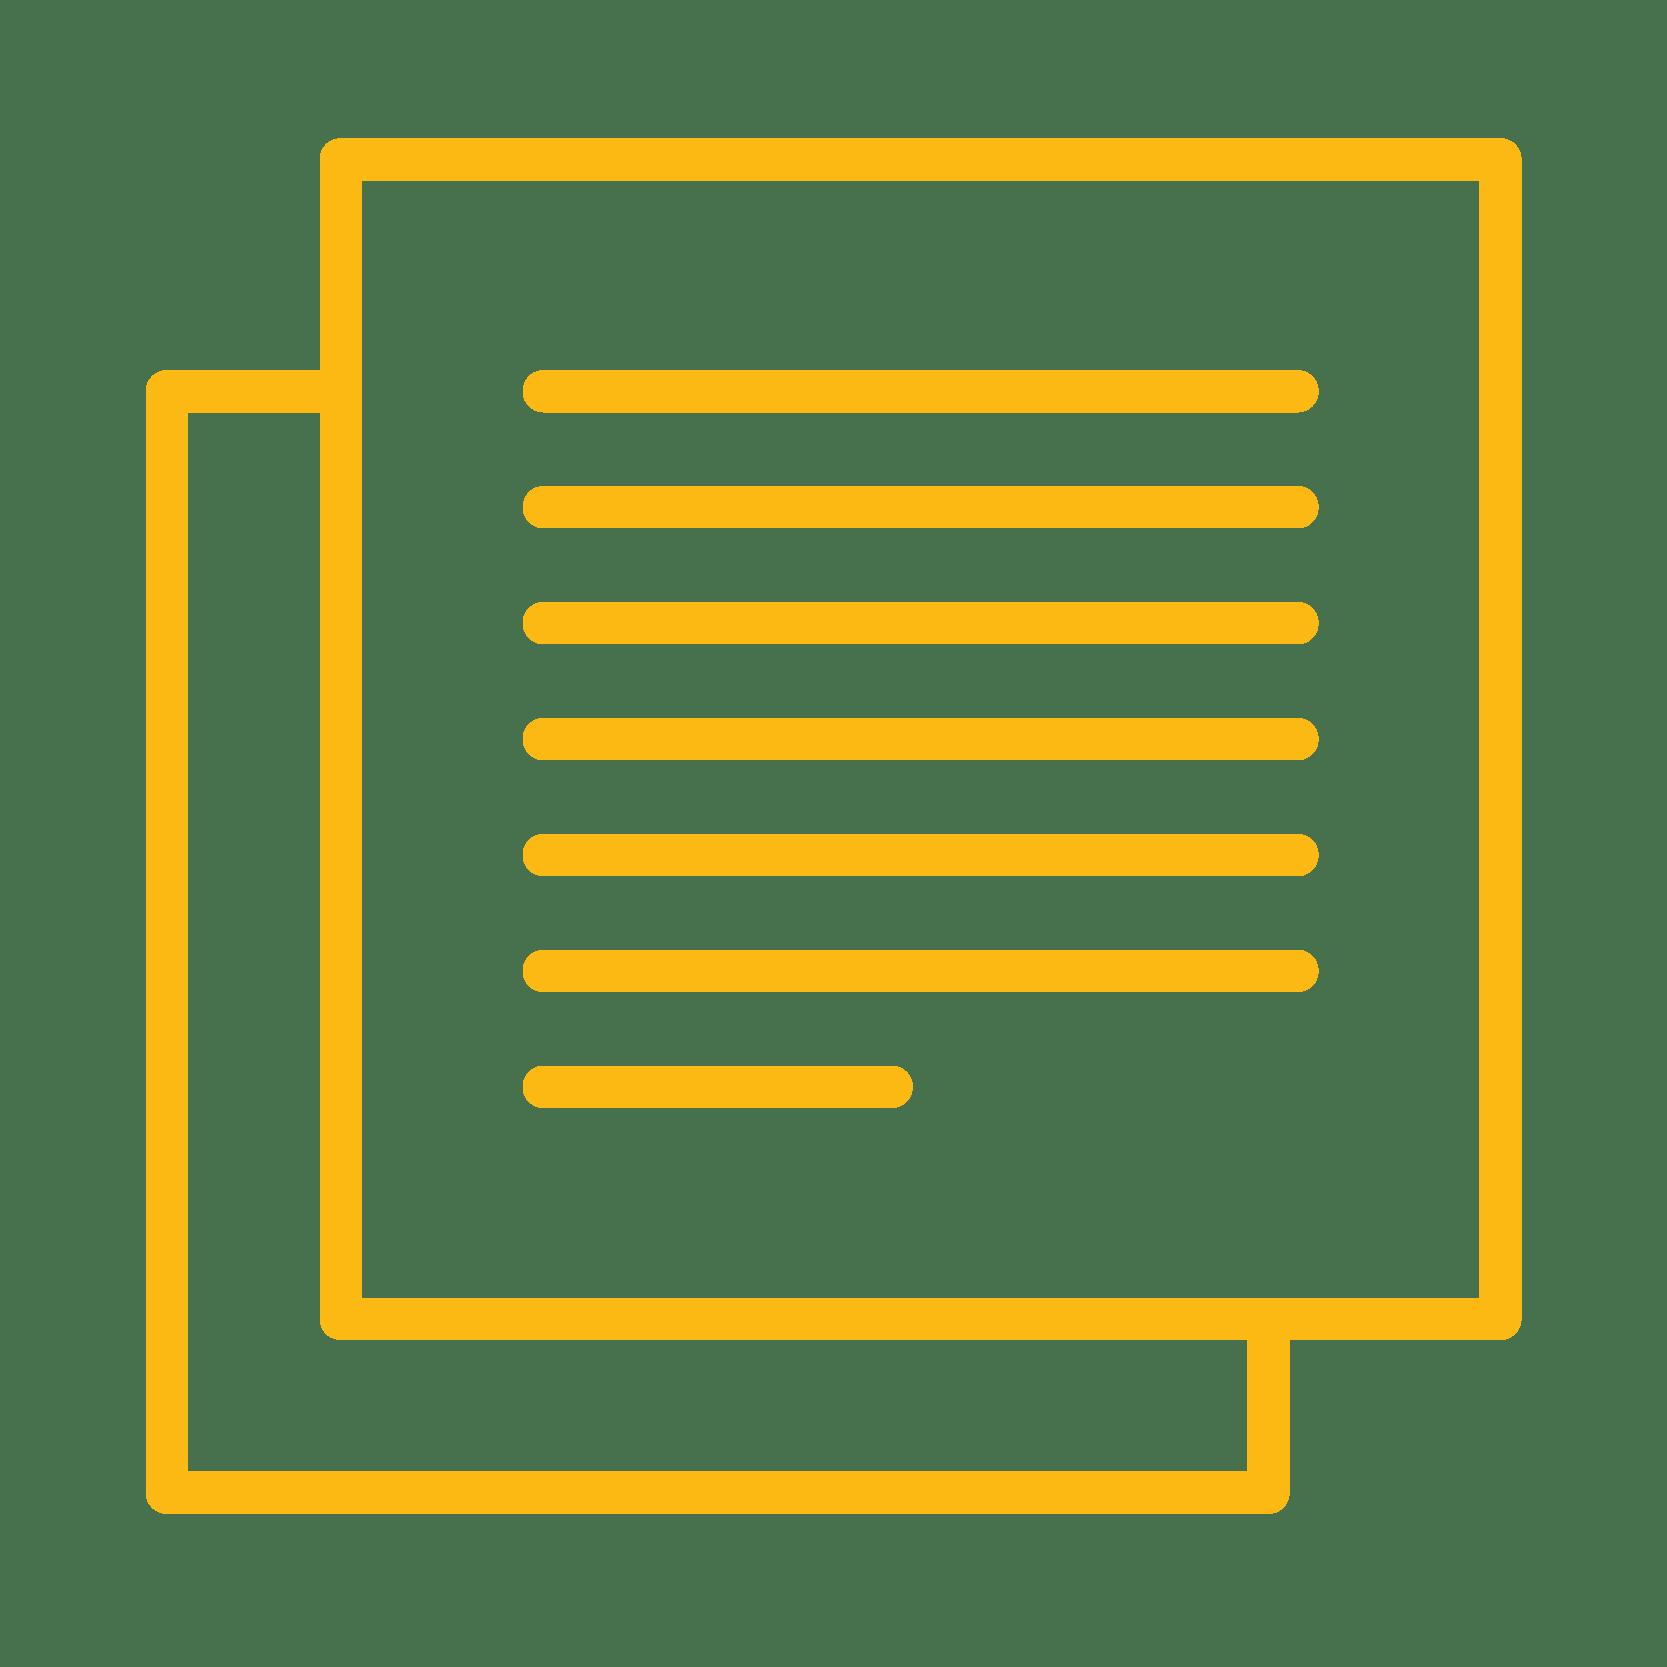 Inecom-Icons-Yellow-66-1